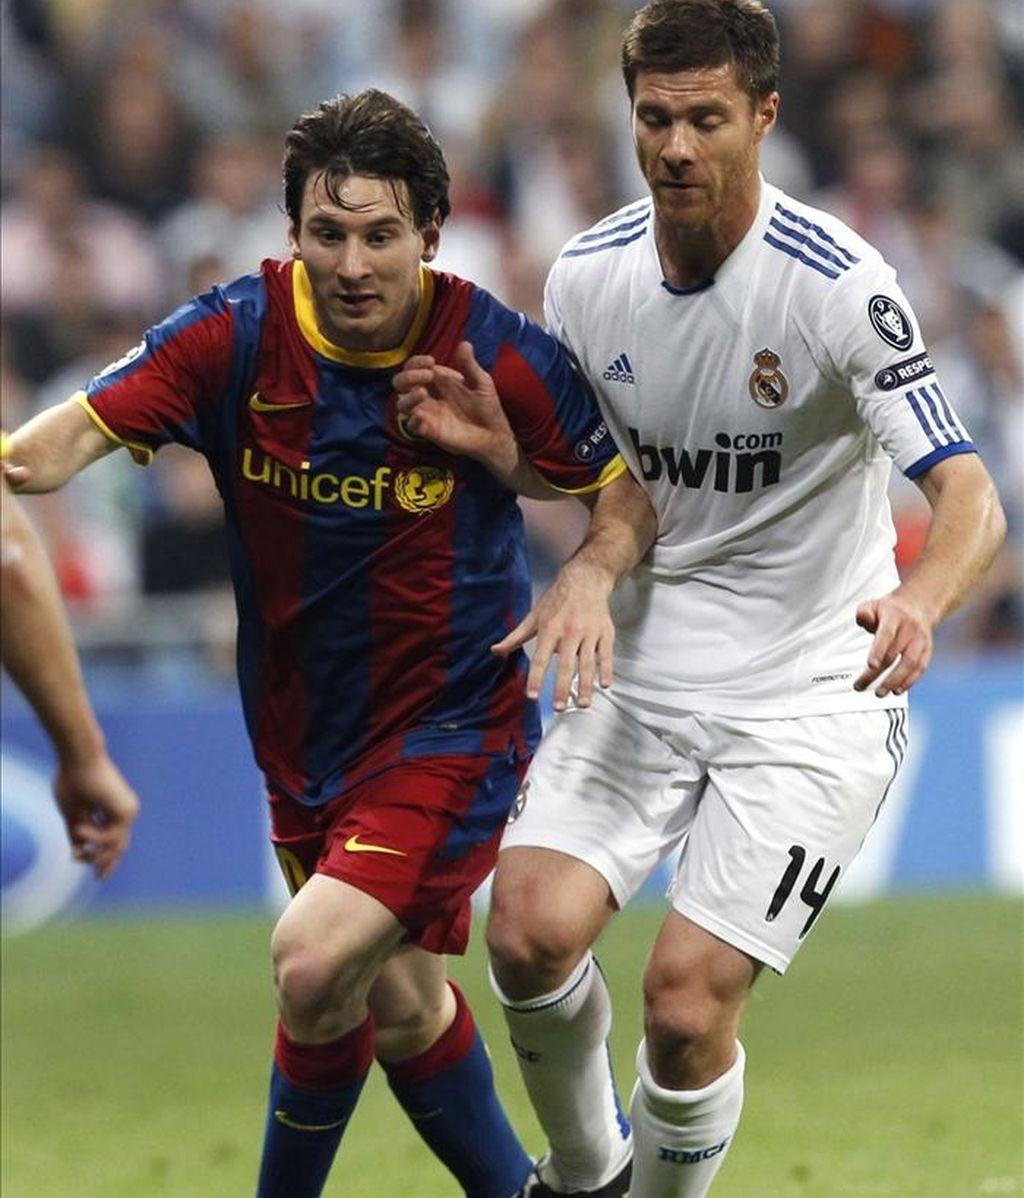 El delantero argentino del FC Barcelona Lionel Andrés Messi (i) y el centrocampista del Real Madrid Xabi Alonso luchan por el balón durante el encuentro, correspondiente a la ida de la semifinal de la Liga de Campeones, en el estadio Santiago Bernabeu, en Madrid. EFE